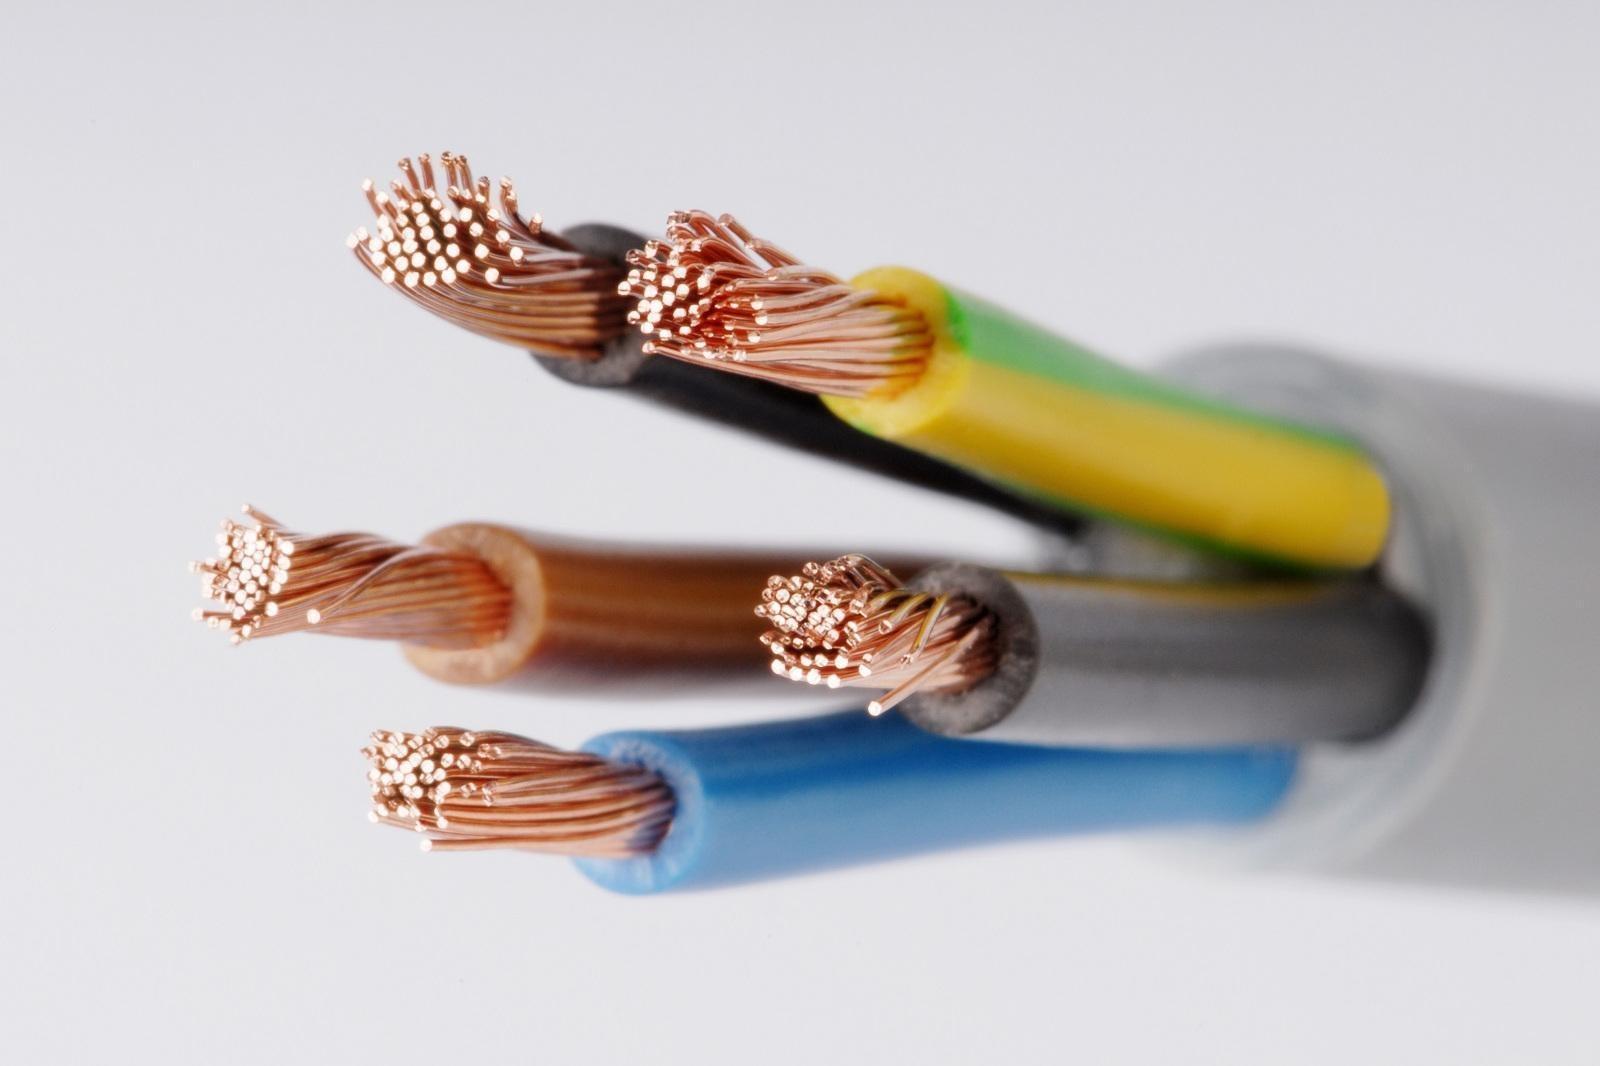 oznaczenia kabli elektrycznych